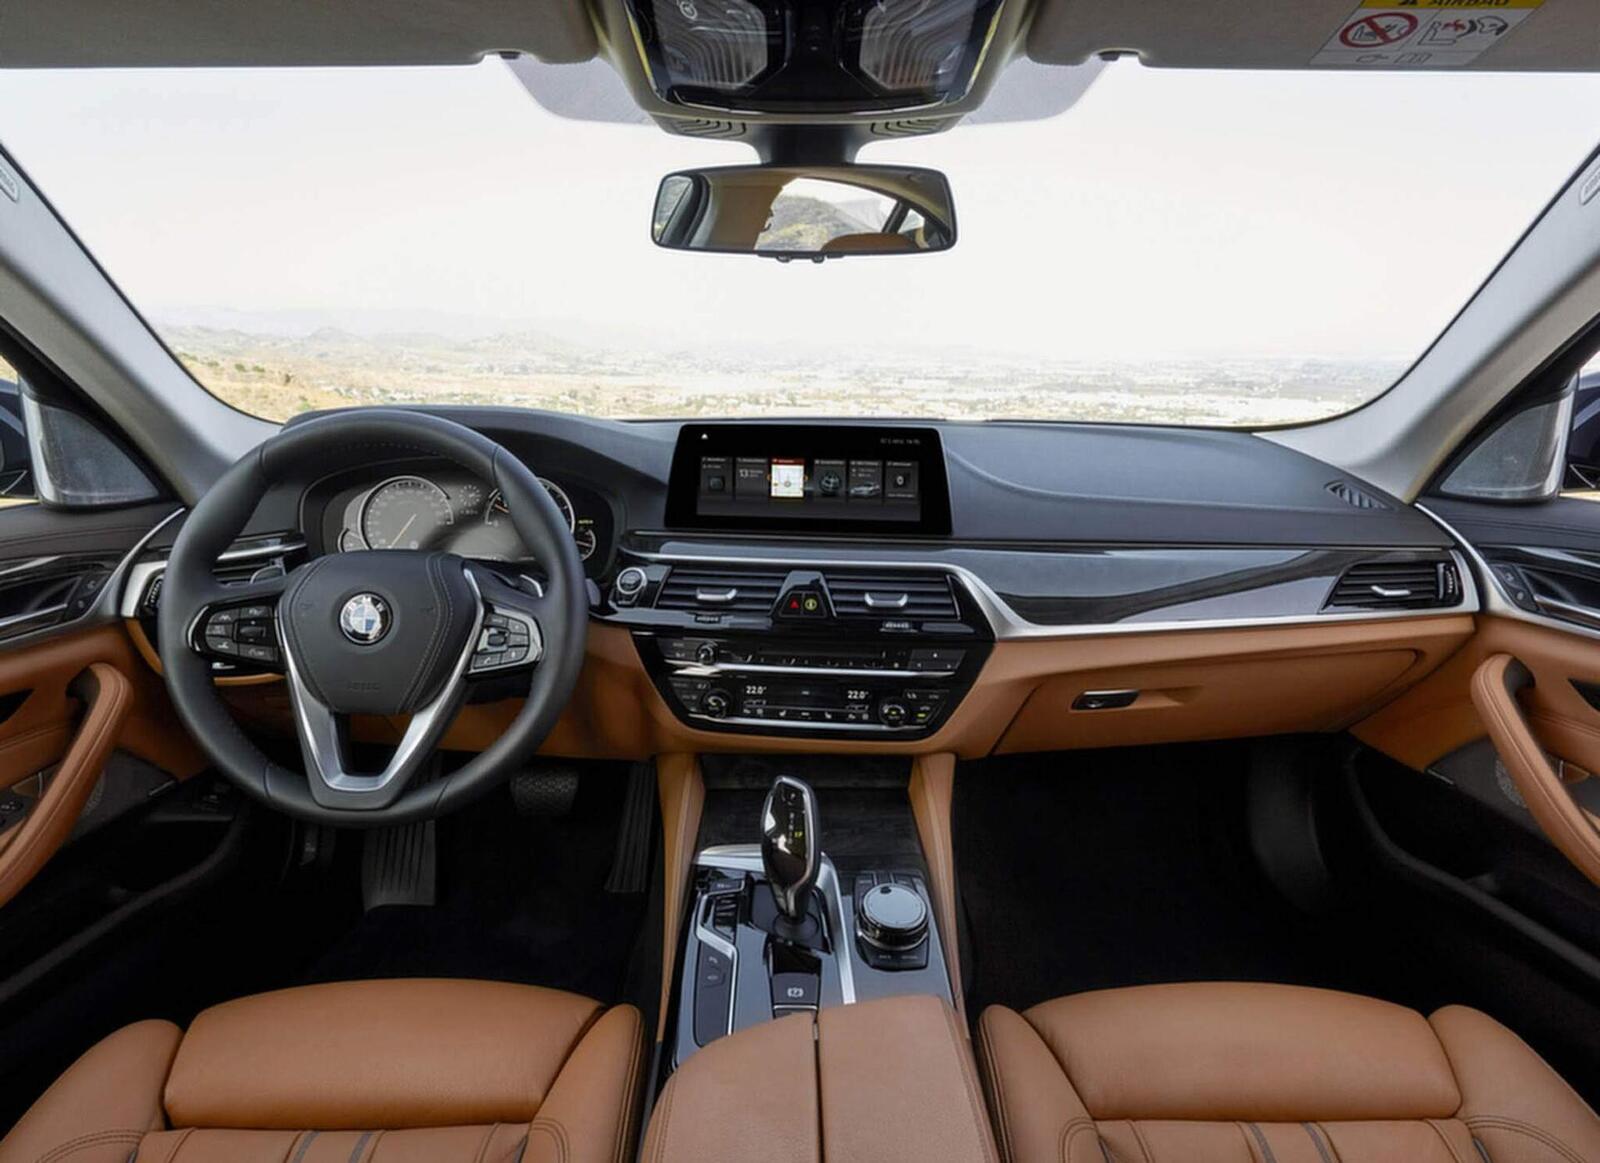 BMW 5 Series thế hệ hoàn toàn mới xuất hiện tại Hà Nội - Hình 3